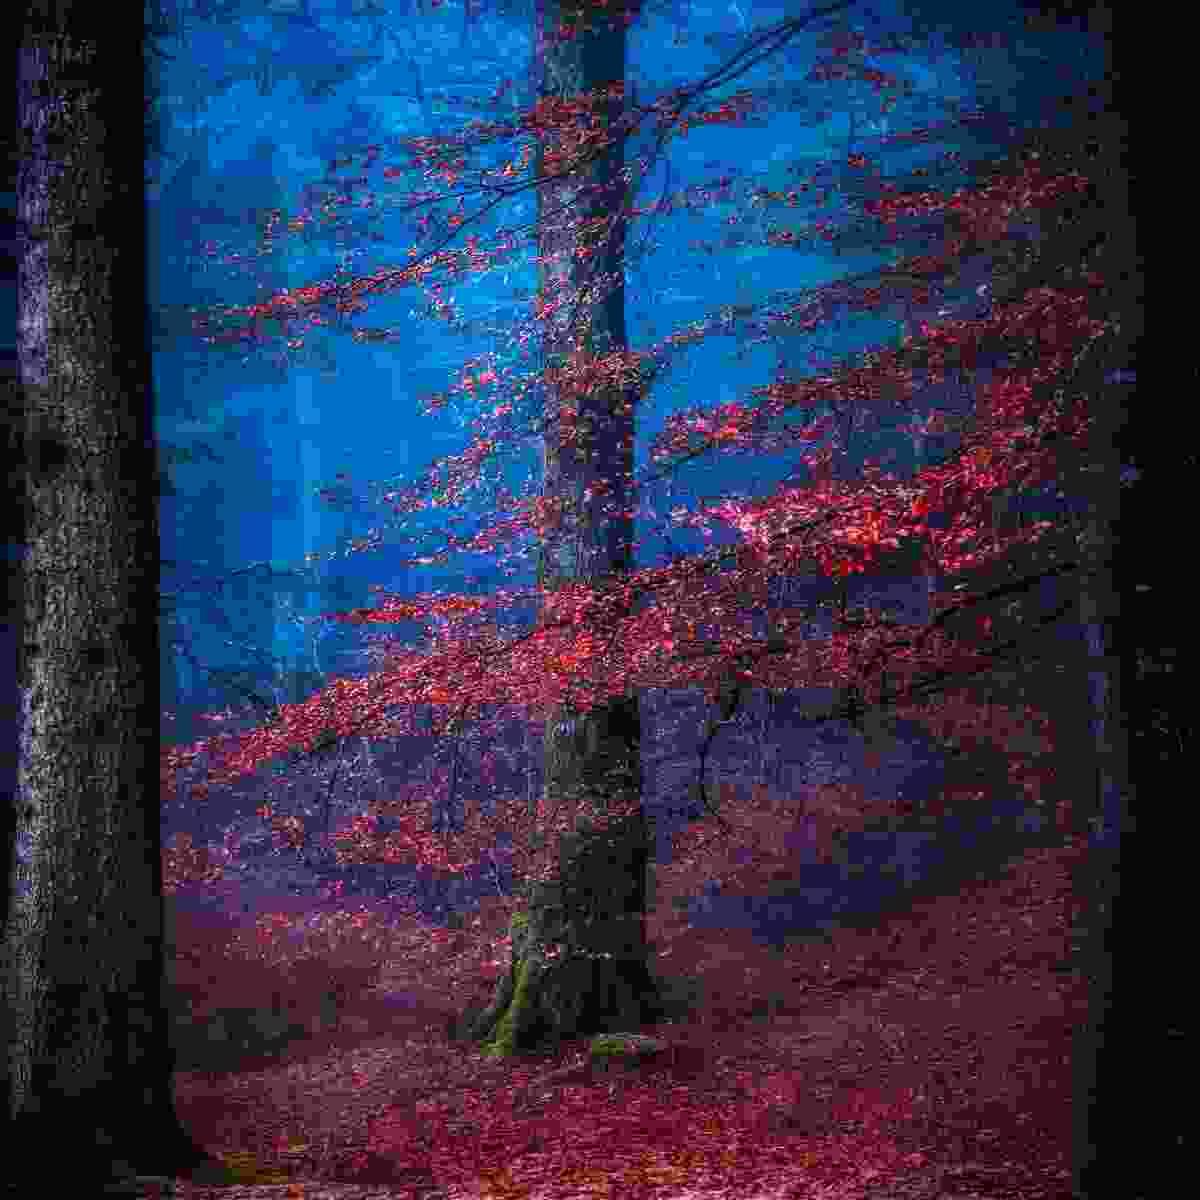 Supernatural – Into the mystic (Matt Anderson)